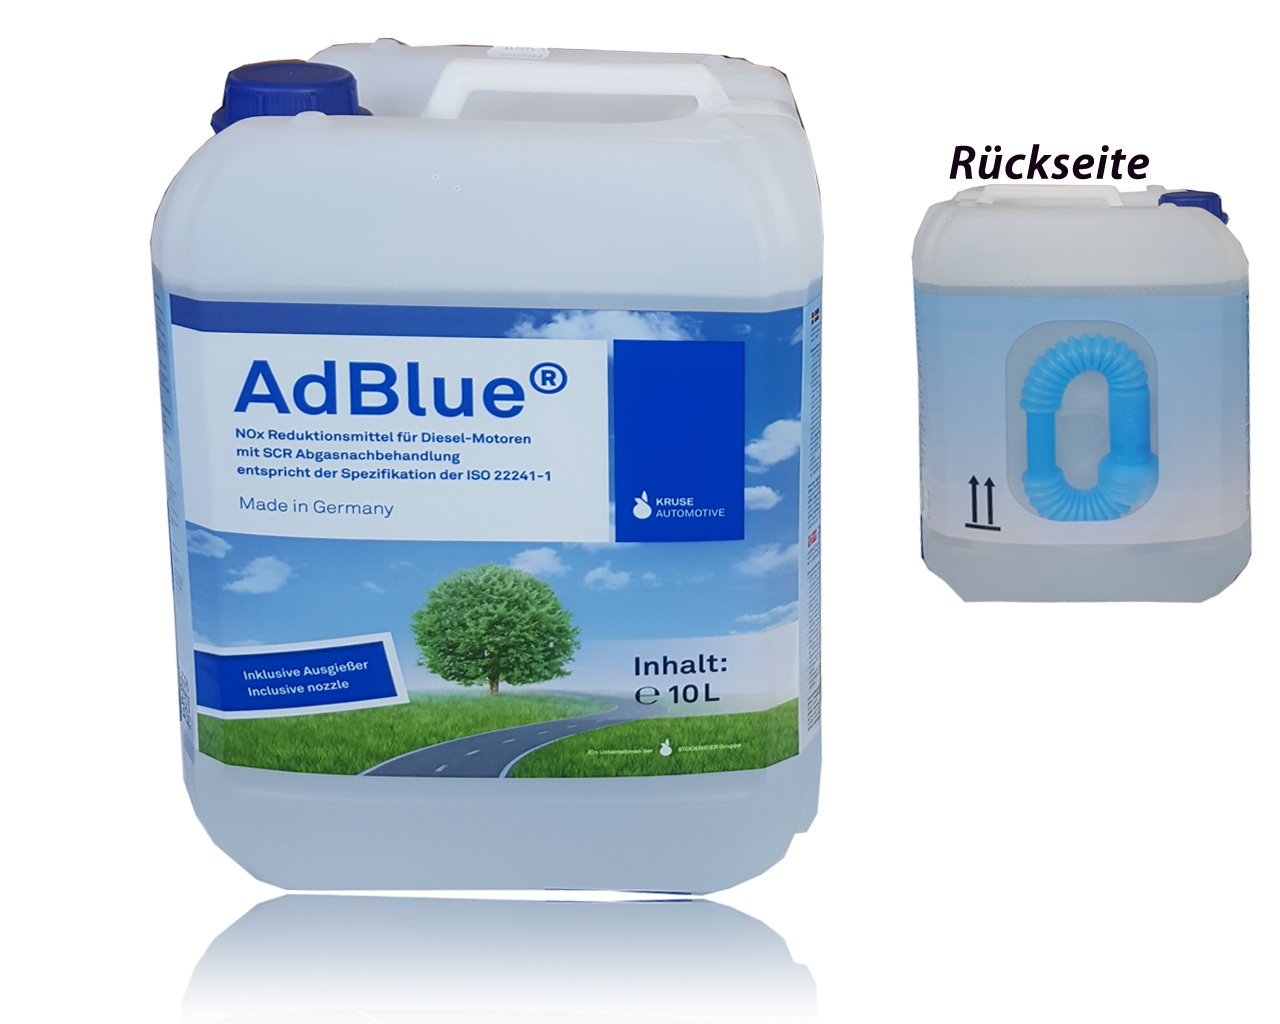 AdBlue - Soluzione di urea ad alta purezza per SCR Post-trattamento gas di scarico Da 10 Litri incluso, Tubo di alimentazione Kruse/Hoyer/blueSky